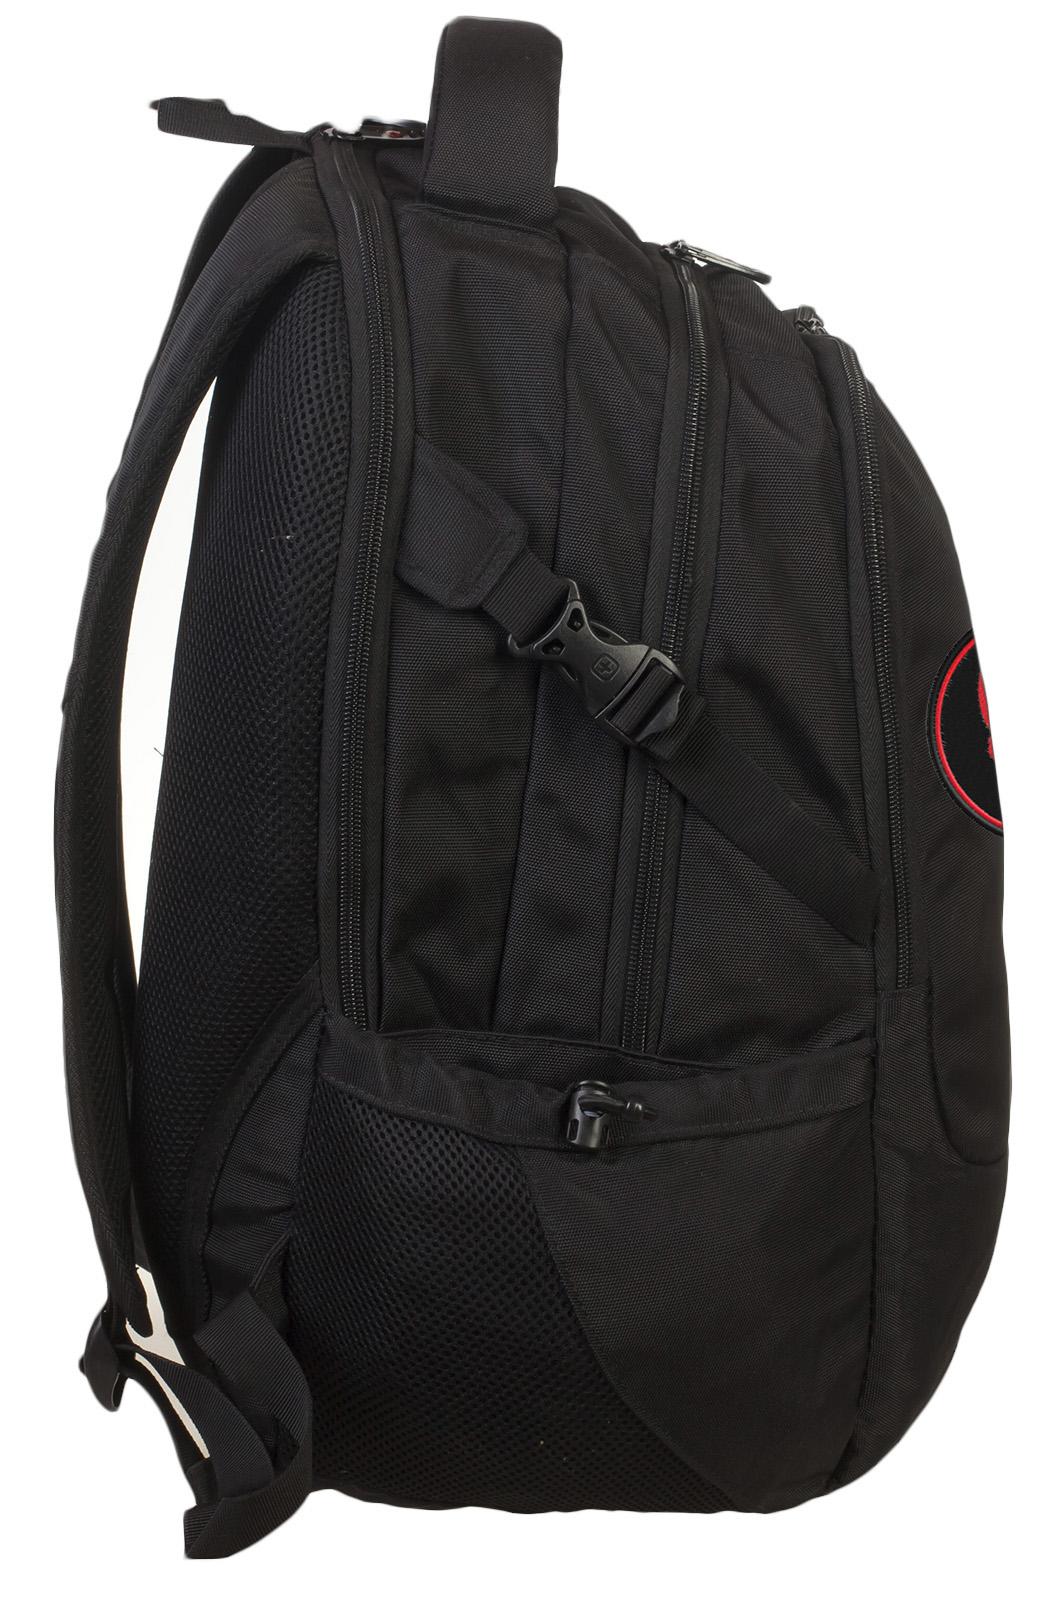 Черный крутой рюкзак с нашивкой Каратель - заказать онлайн